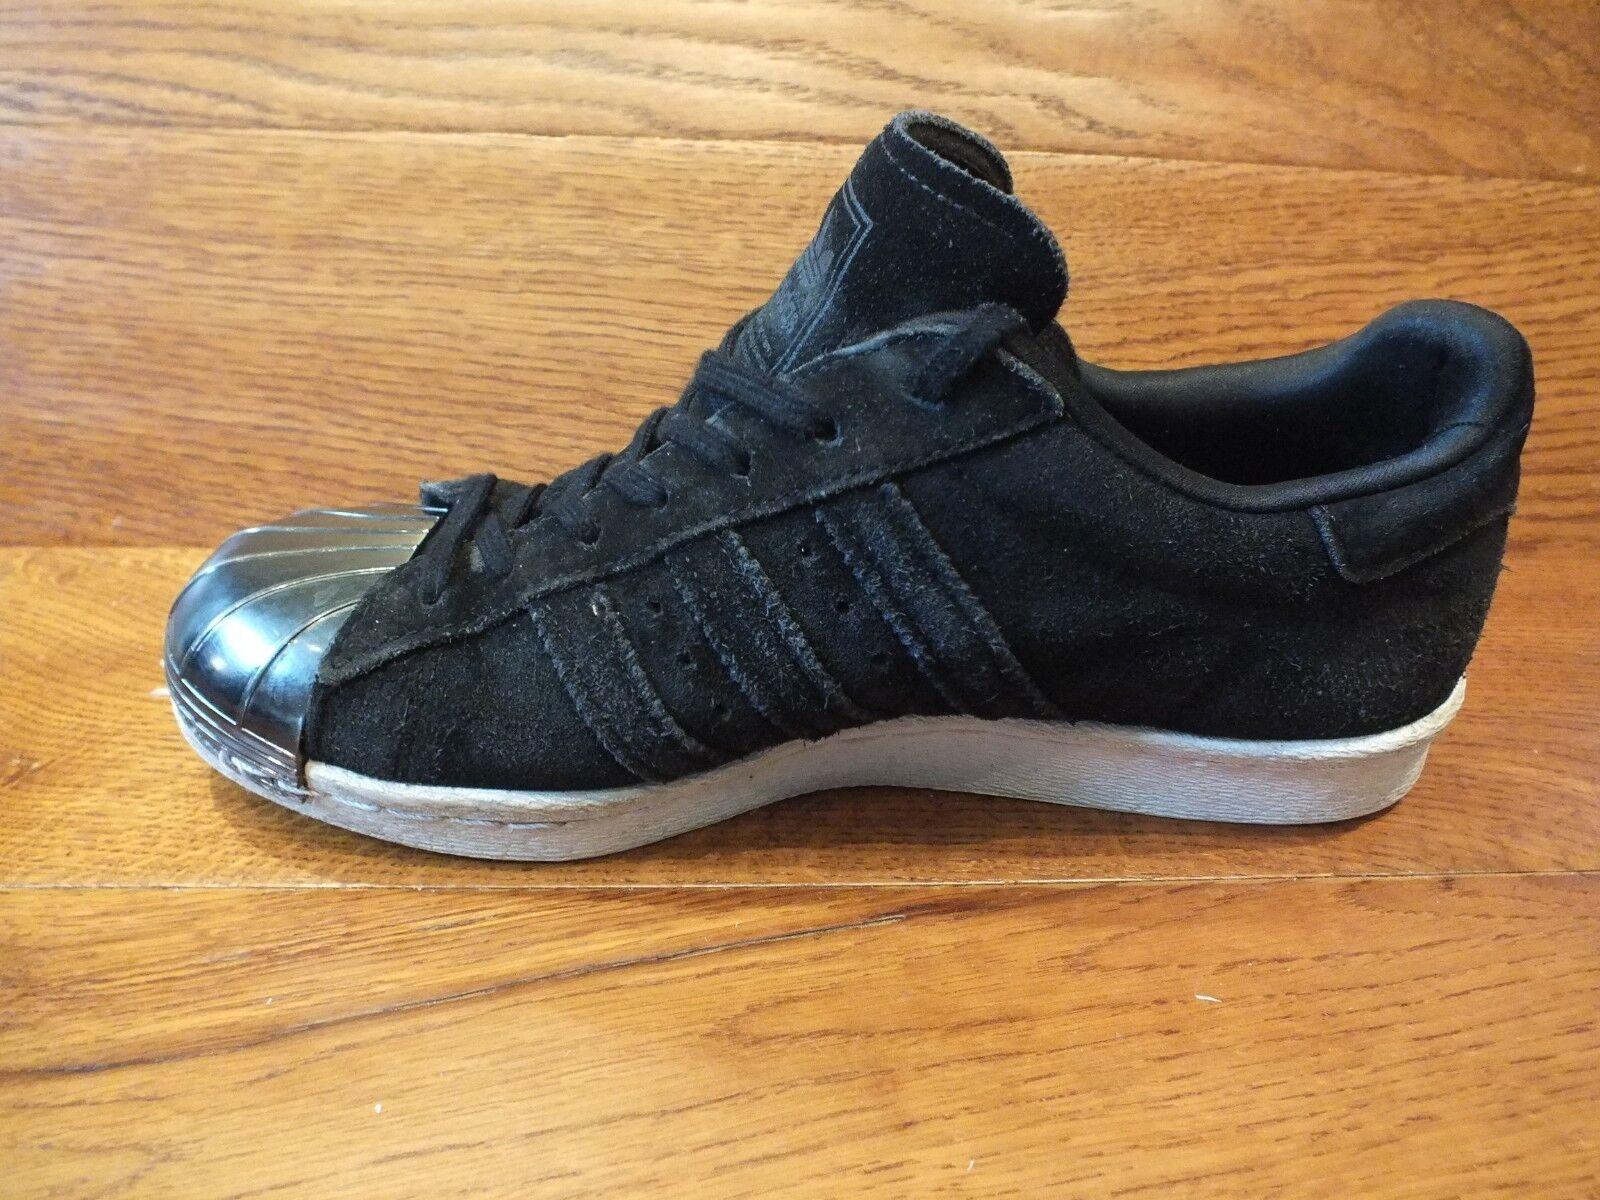 Adidas 80 Superstar 80 Adidas S Metal toe en daim Noir Baskets Décontractées Taille UK 6 EU 39 be52e9